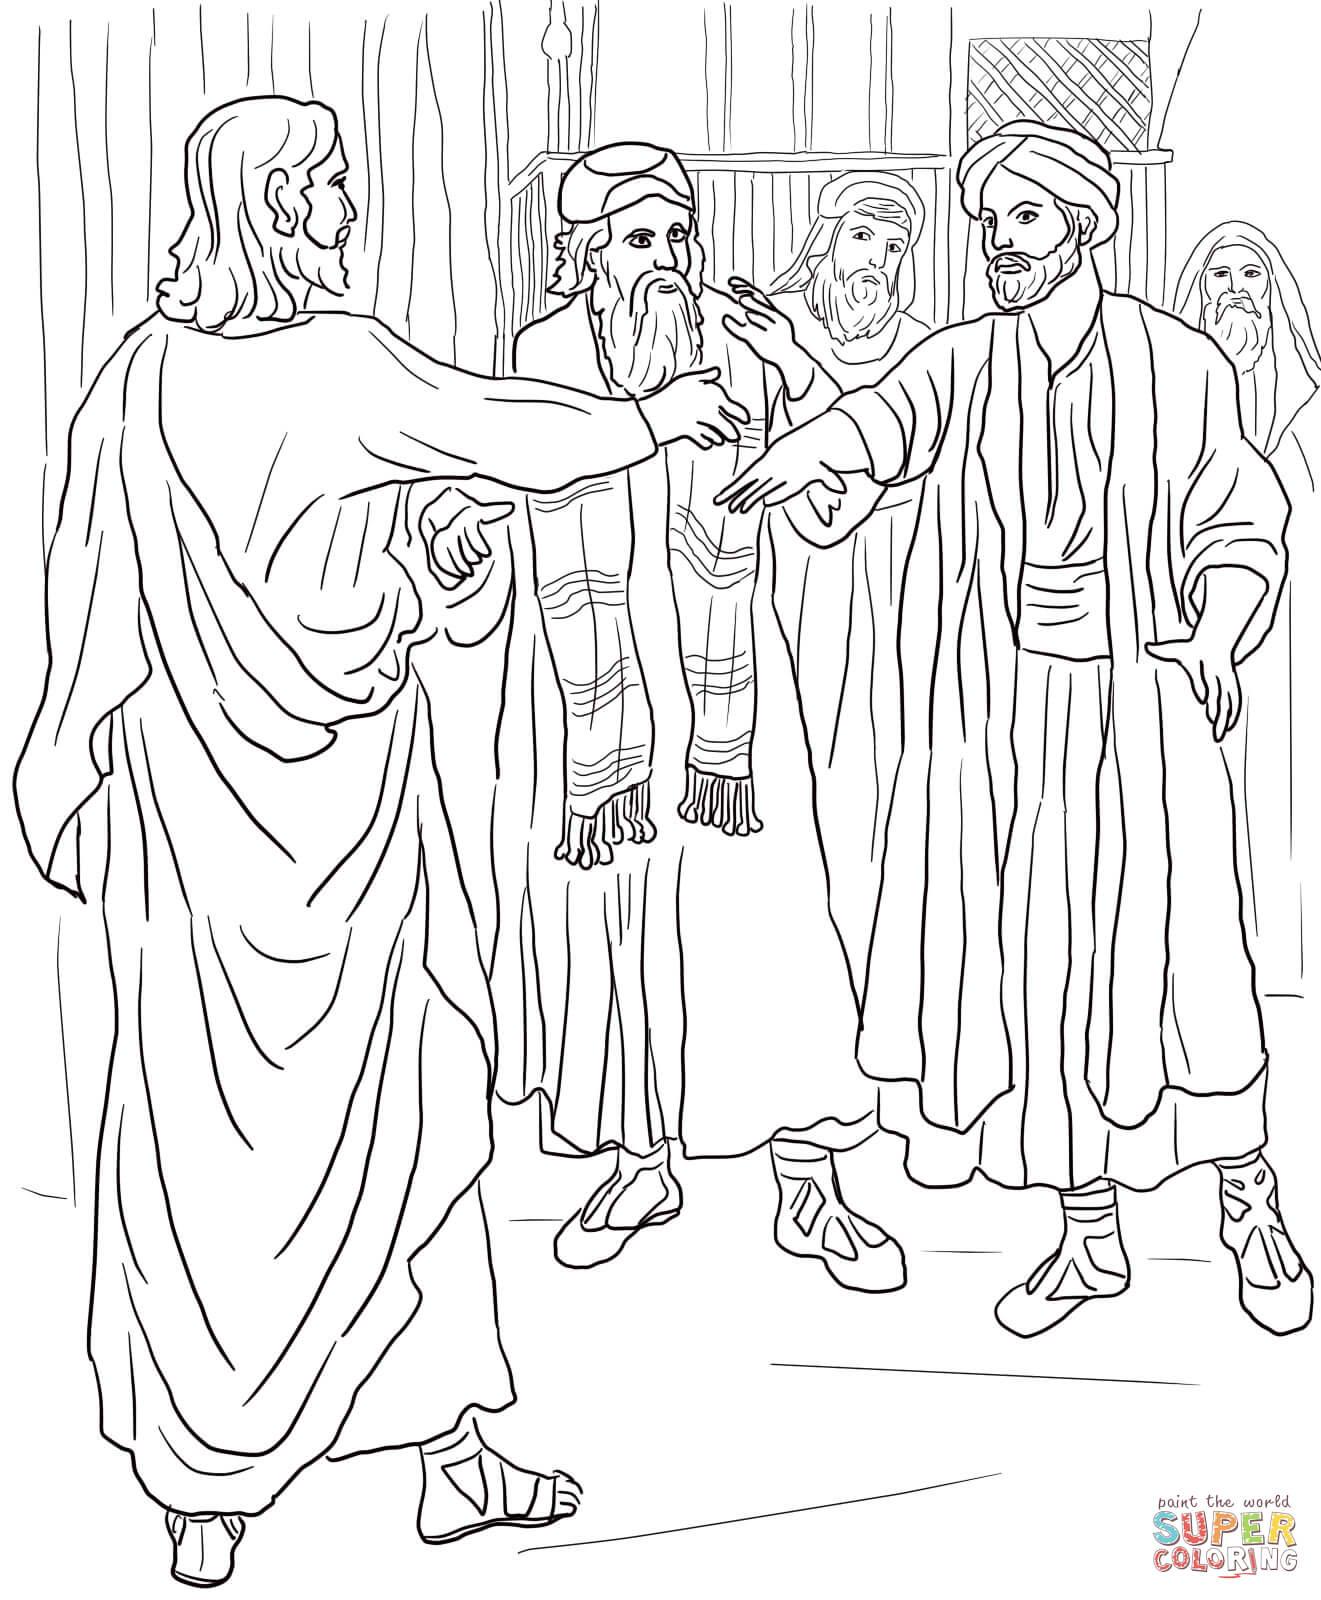 Desenho De Jesus Cura Um Homem Com A Mao Murcha Para